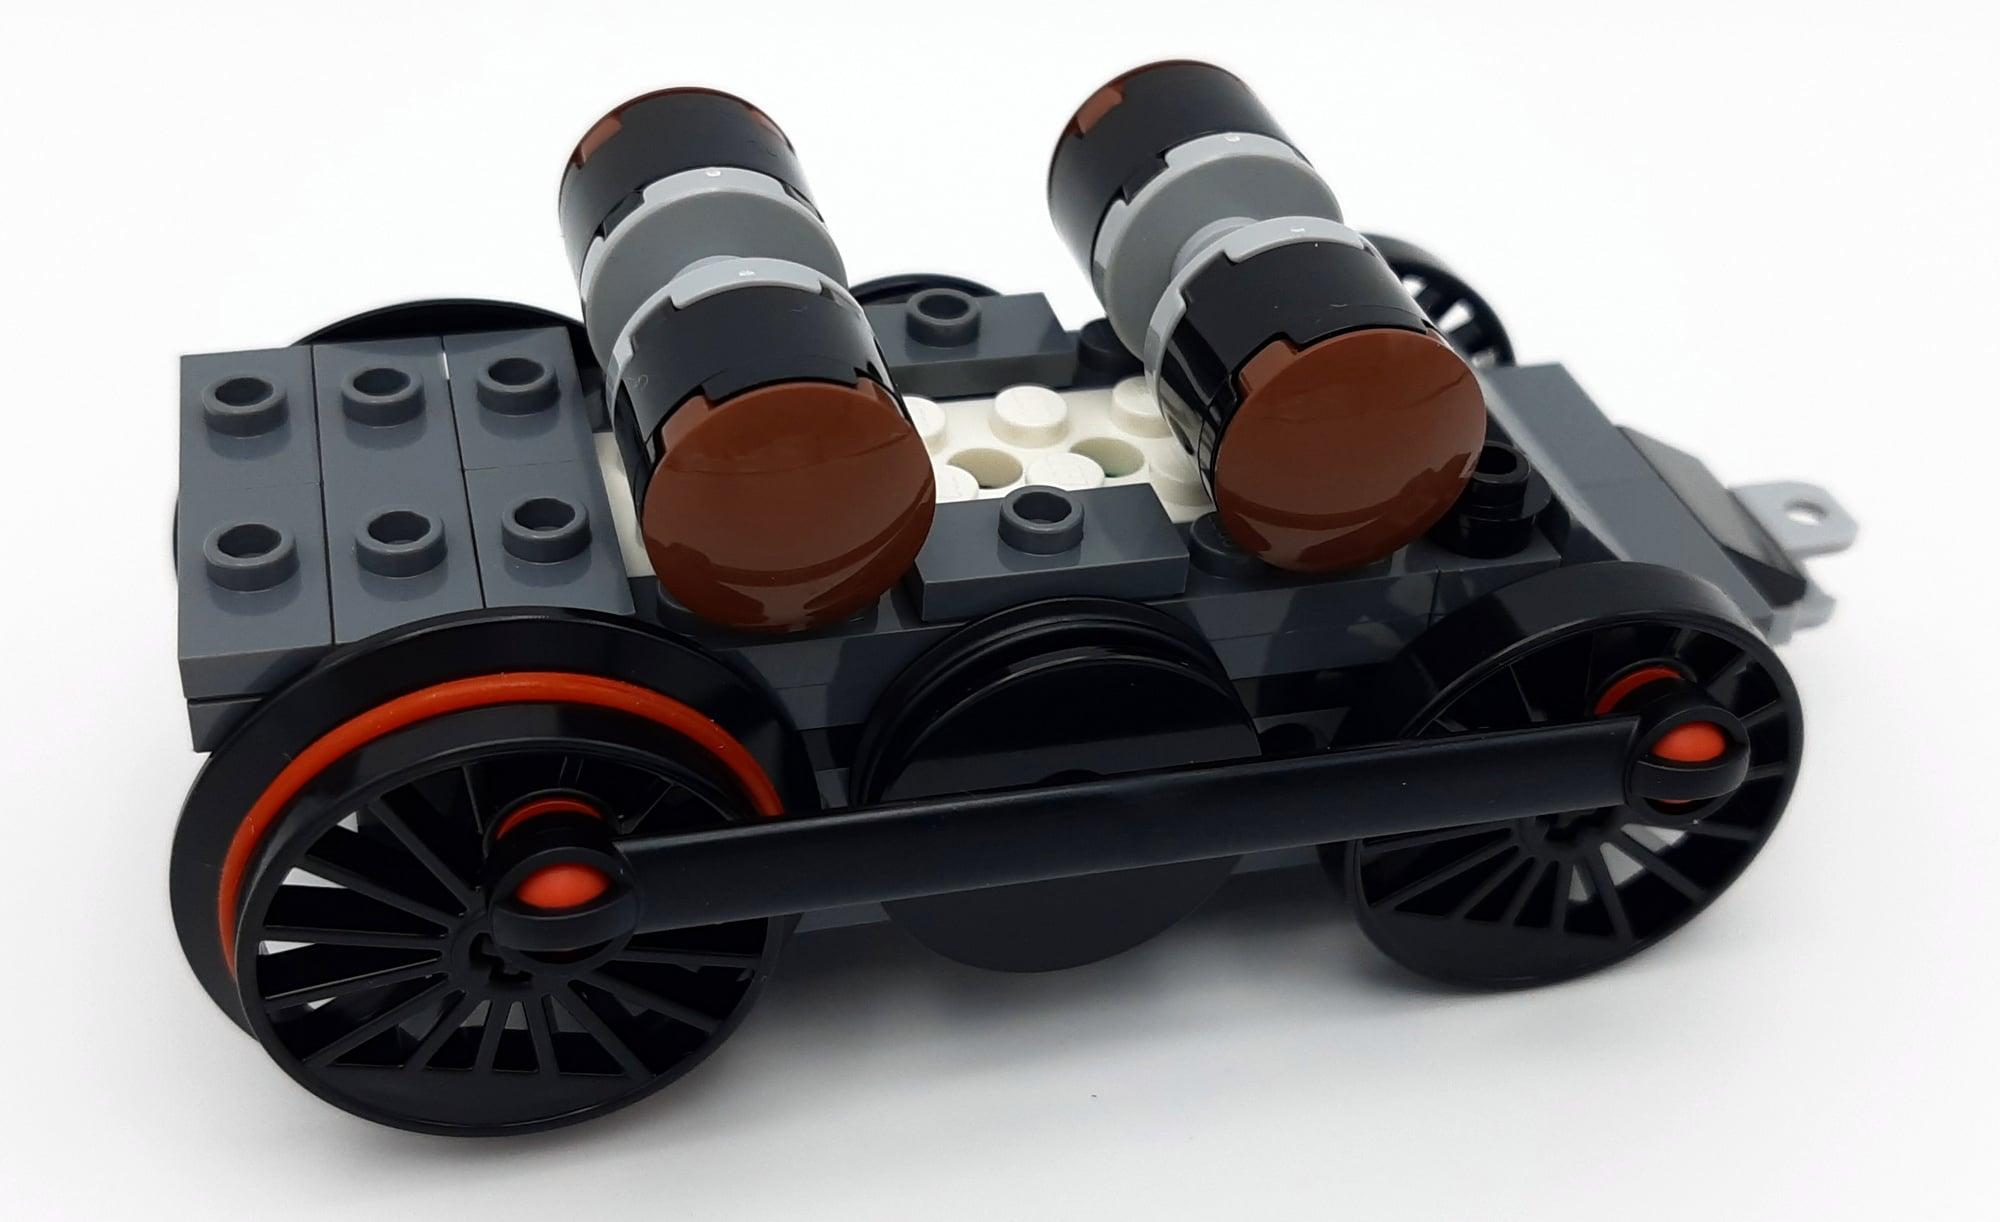 LEGO 10277 Krokodil Lokomotive - Bauabschnitt 4: Motor